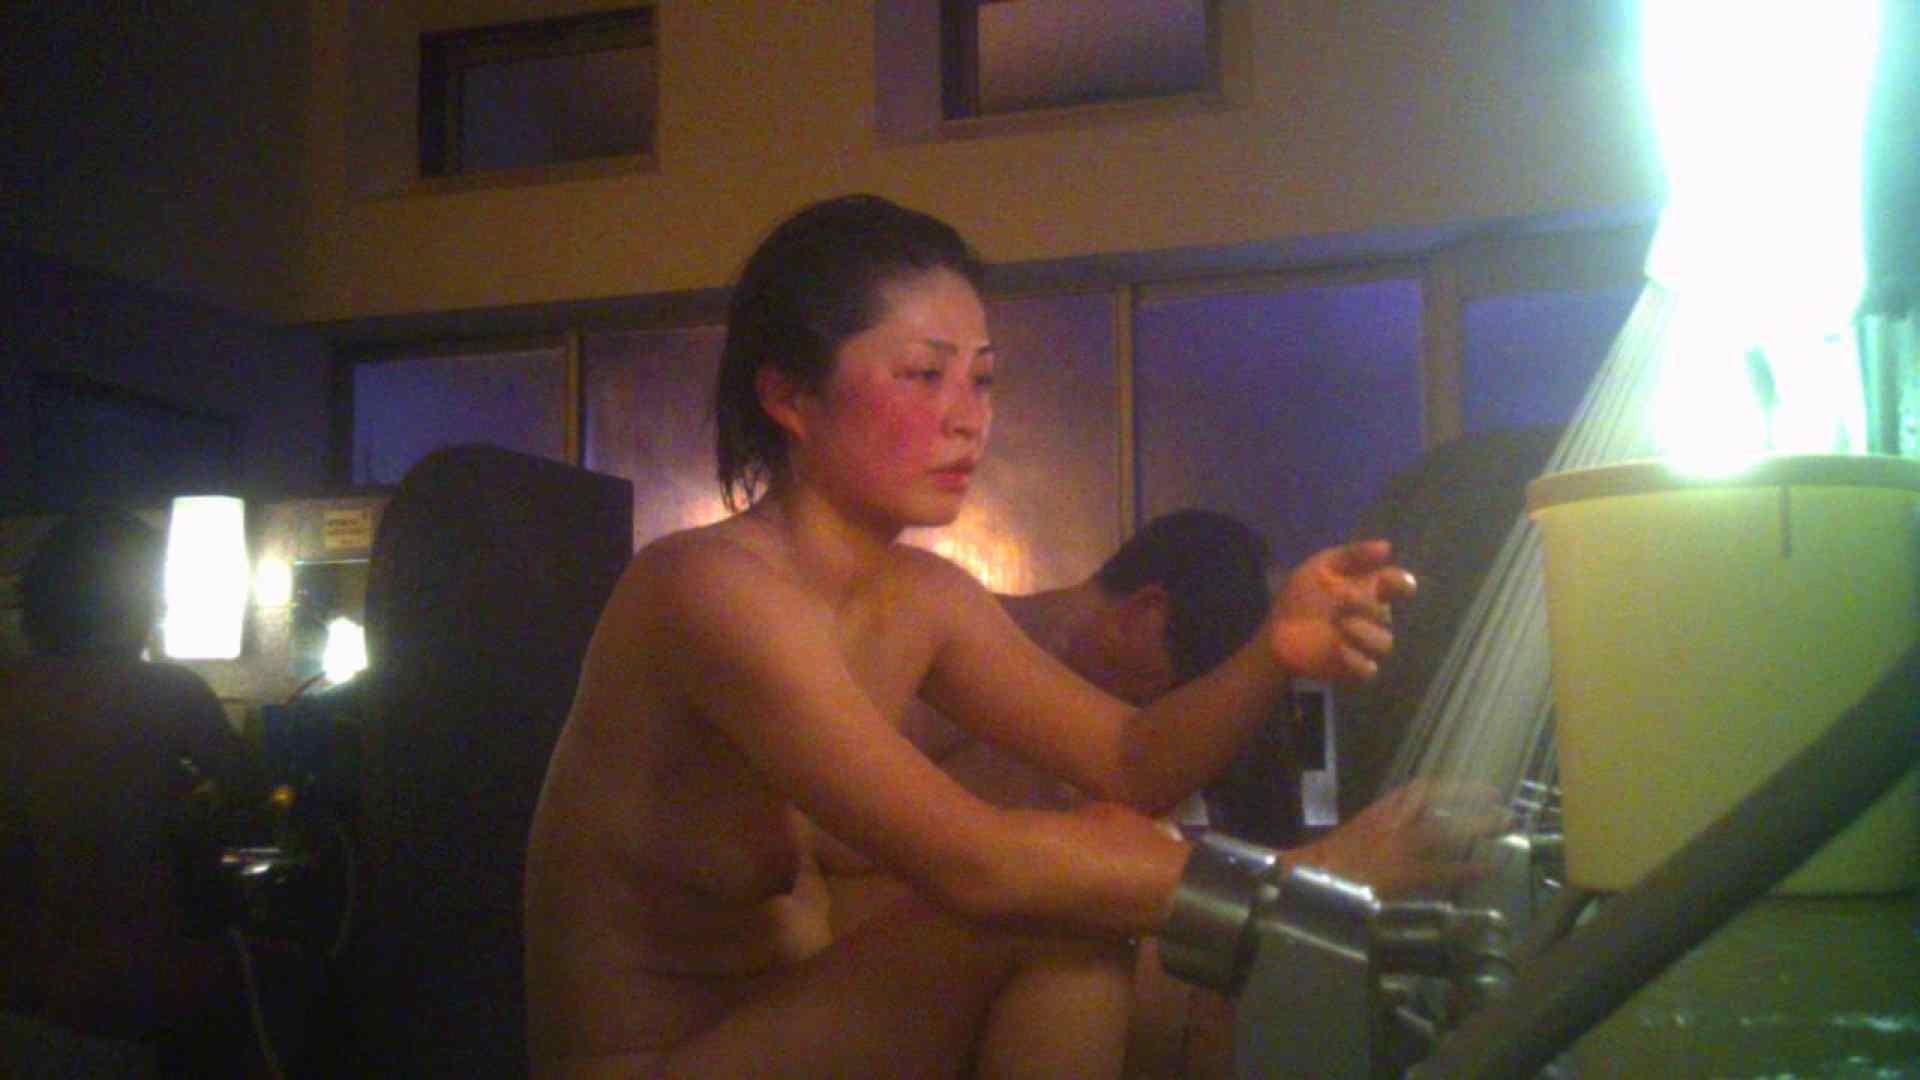 TG.21 【上等兵】井戸端会議が大好きな奥さん 女風呂   潜入  92連発 71